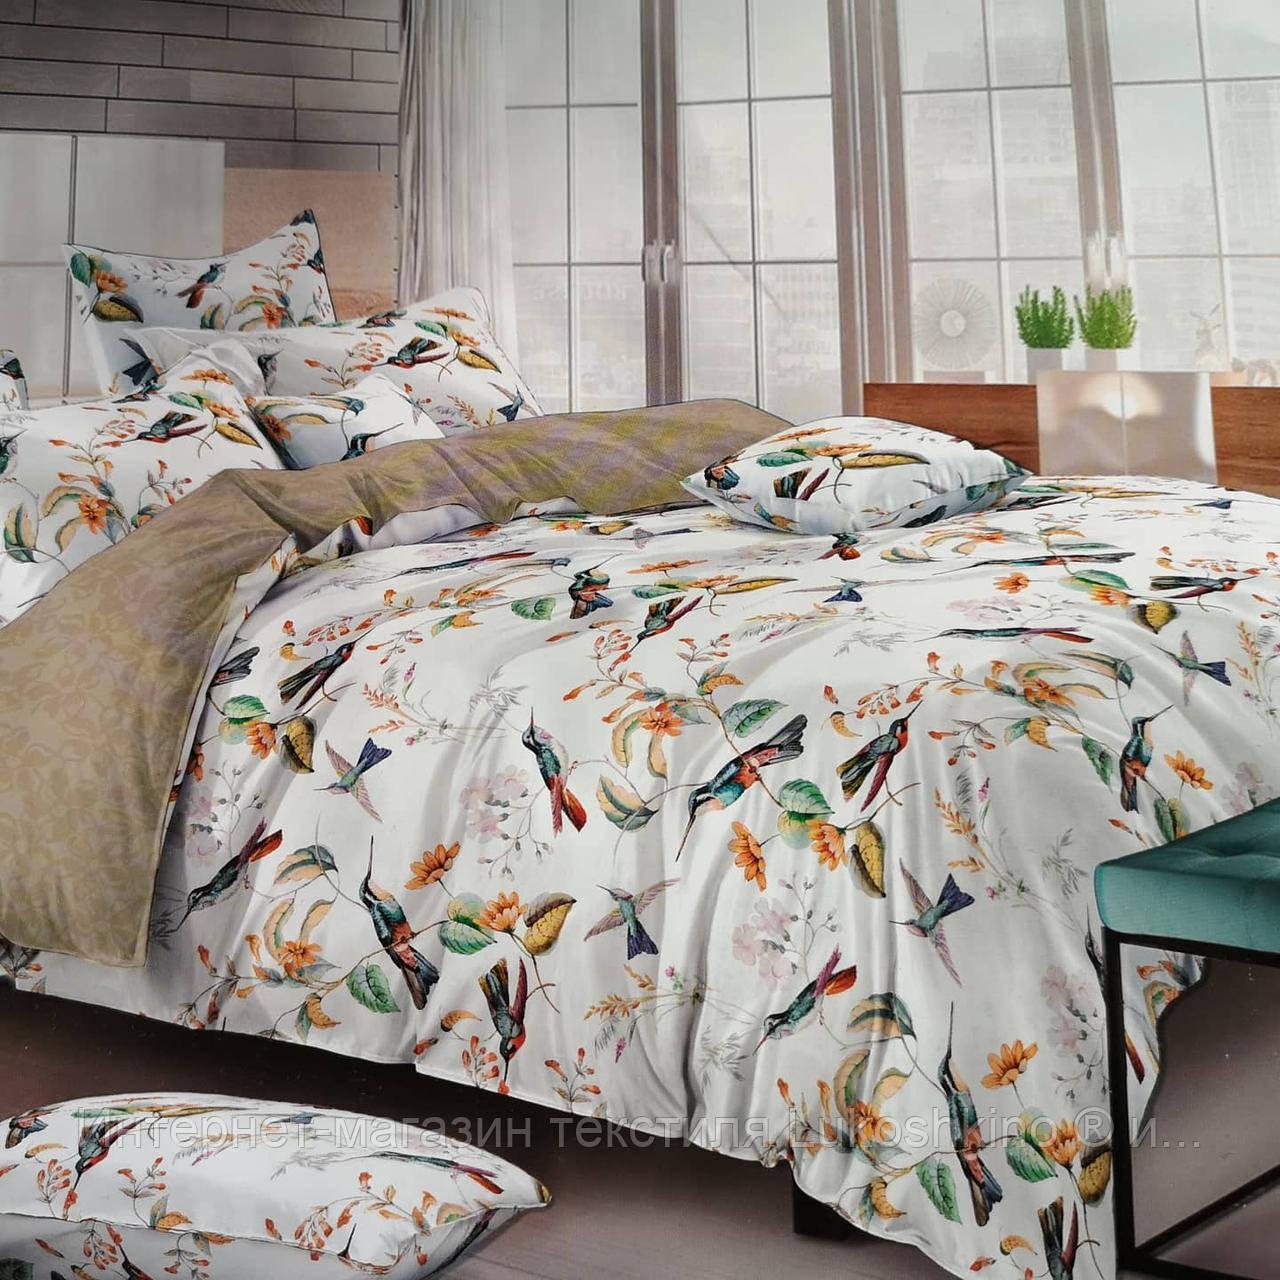 Семейный комплект постельного белья. Полуторный, Двуспальный, Евро. Хлопок, Сатин.